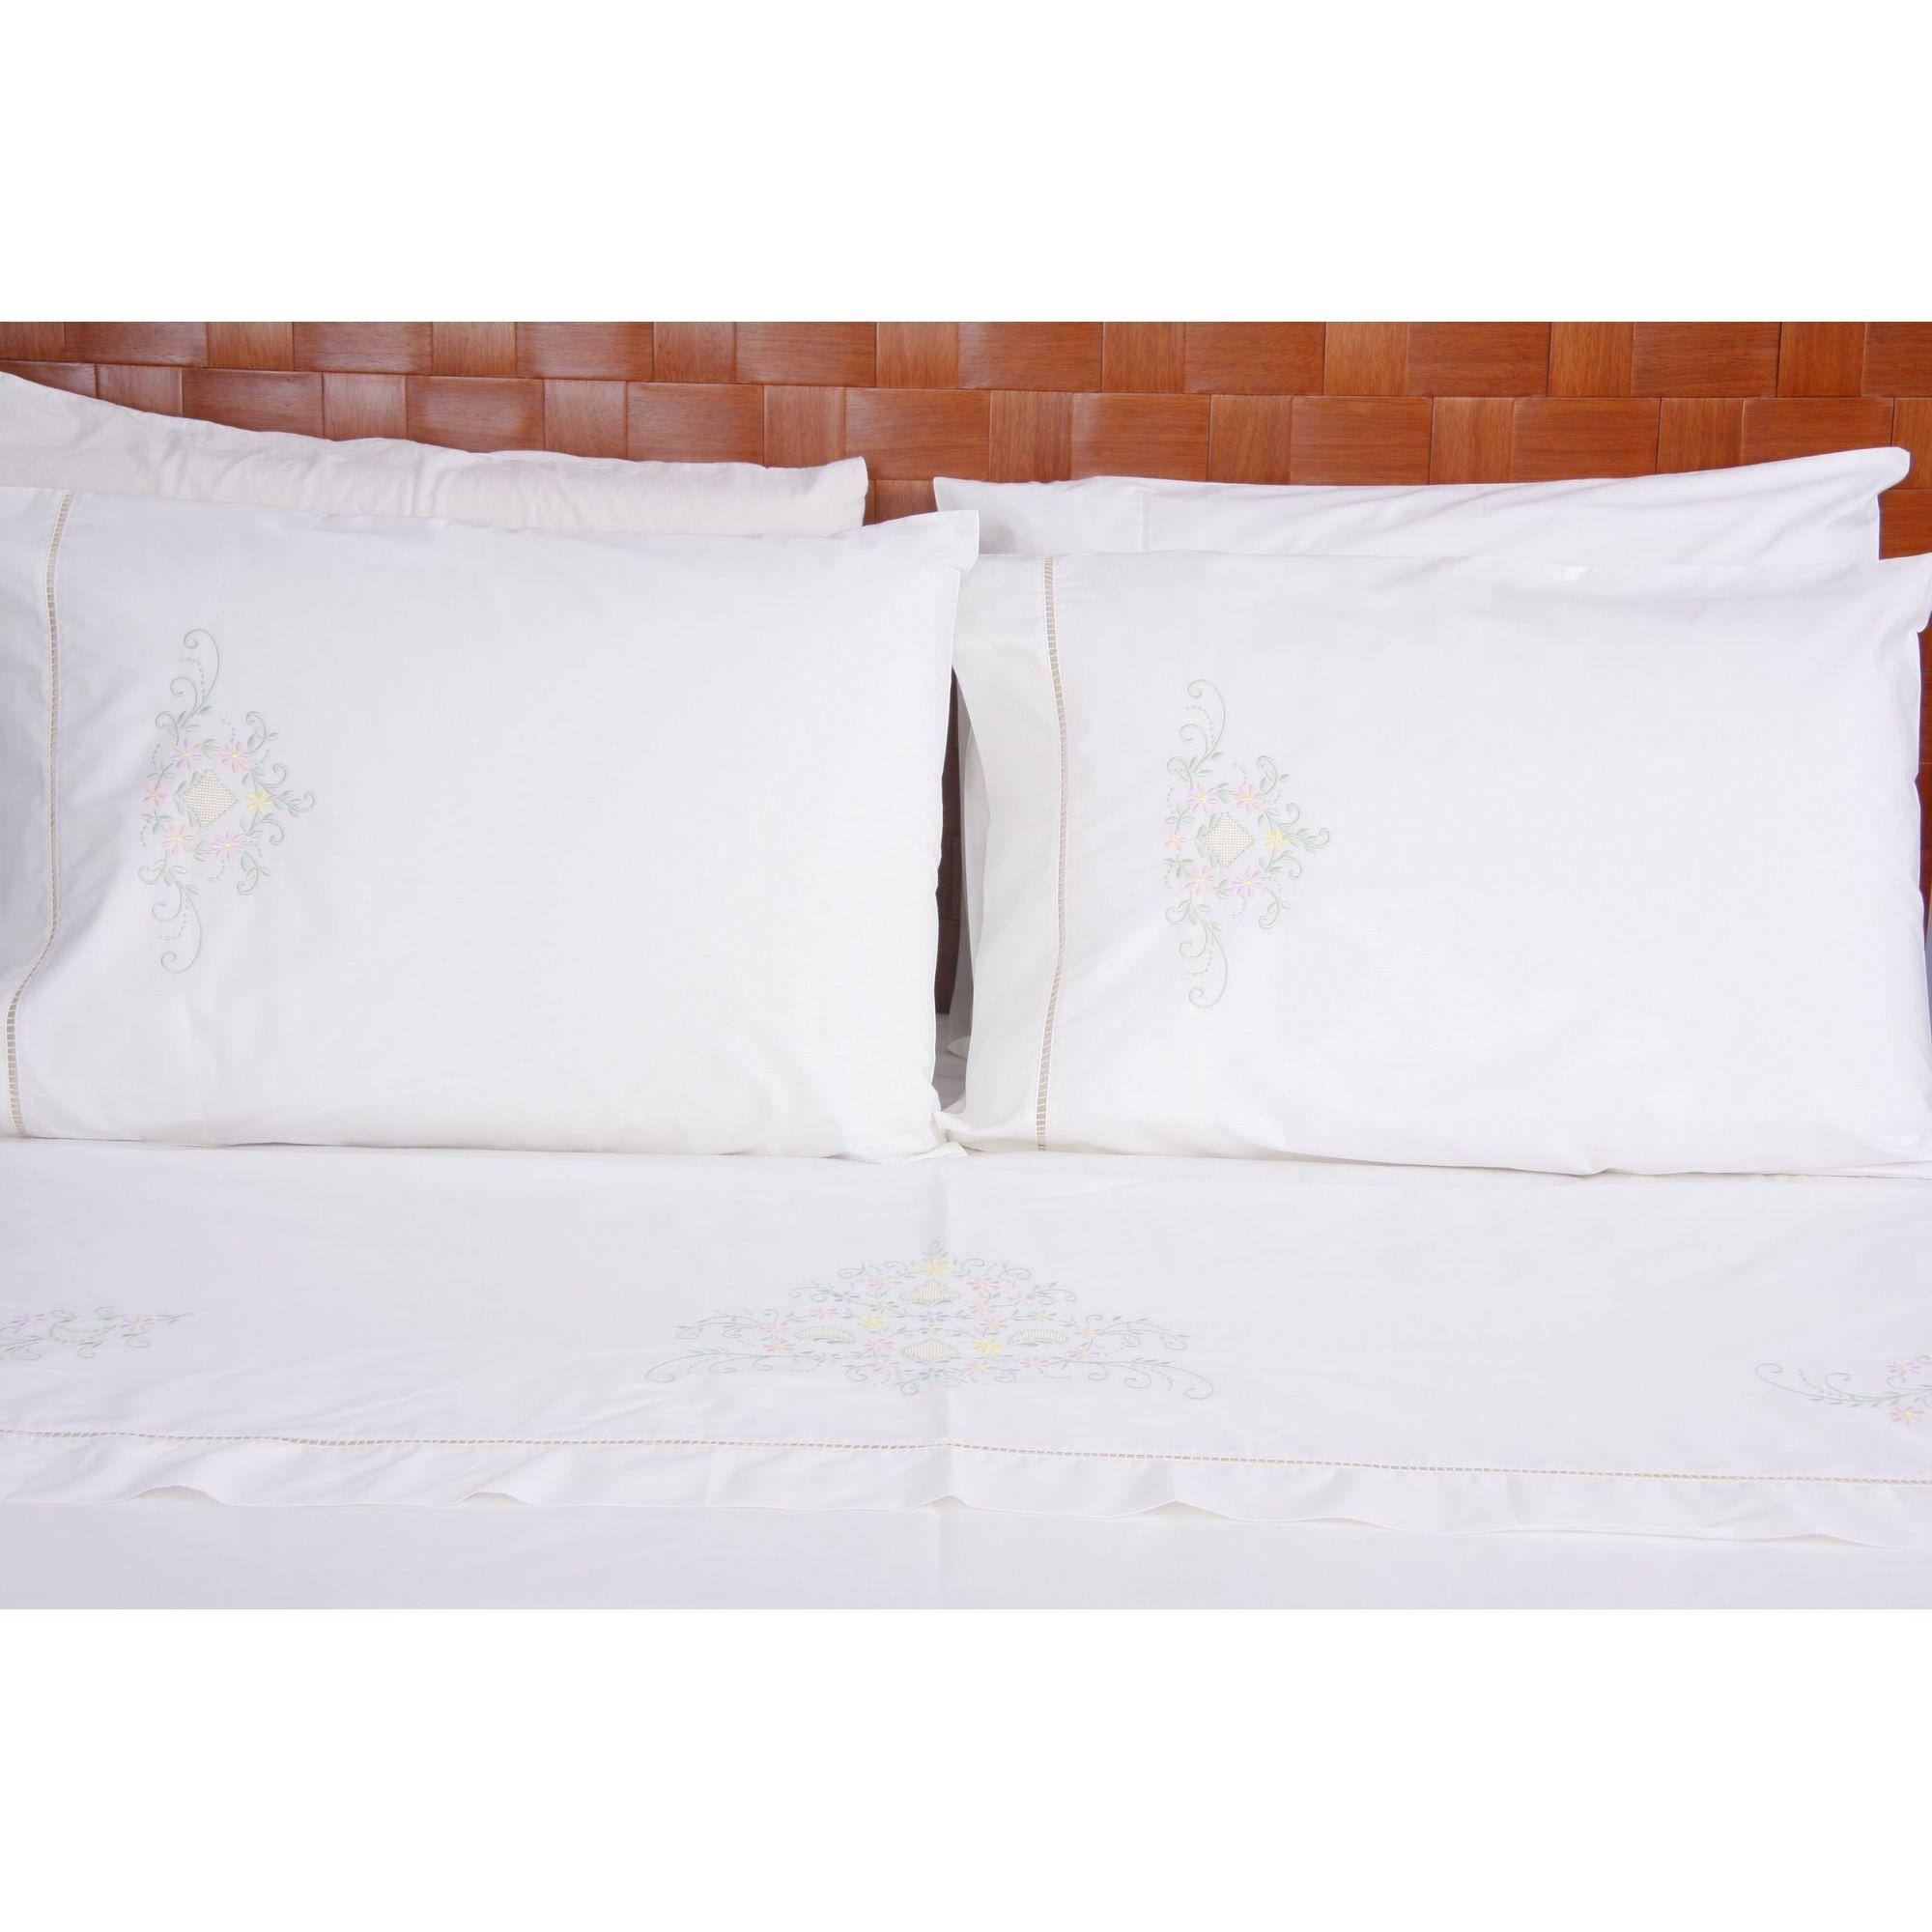 Roupa de Cama 250 fios Crivo branco/ colorido  - Helô Reis Store